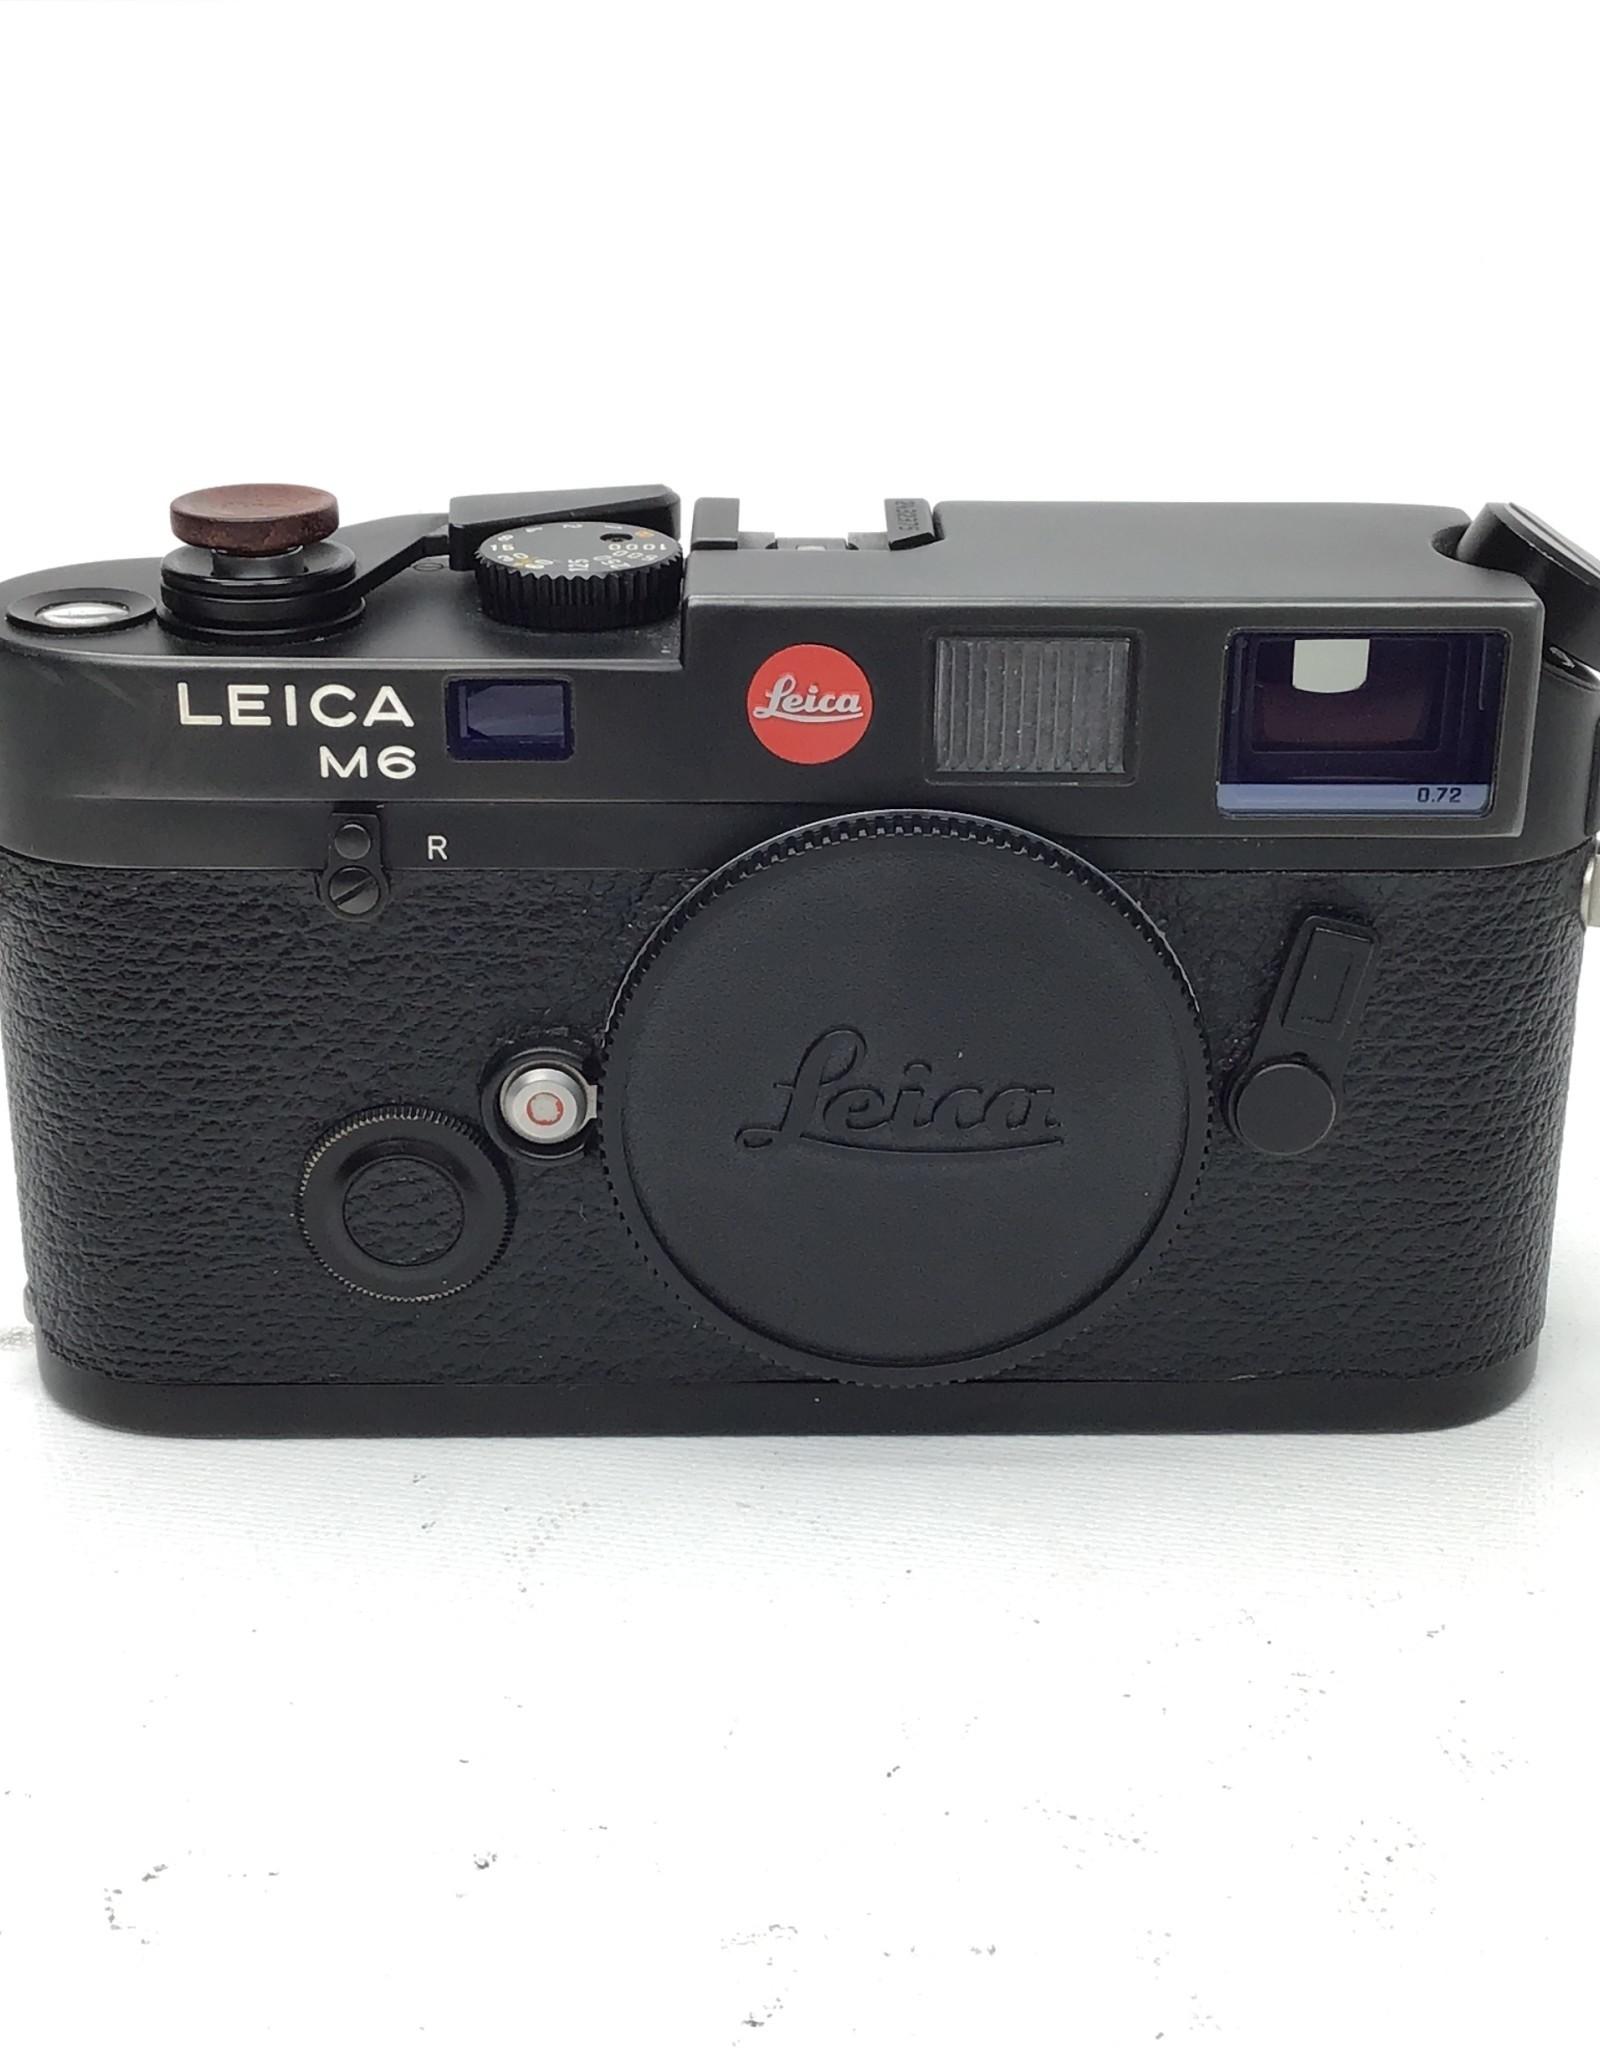 Leica Leica M6 Black 0.72 Camera Body Good